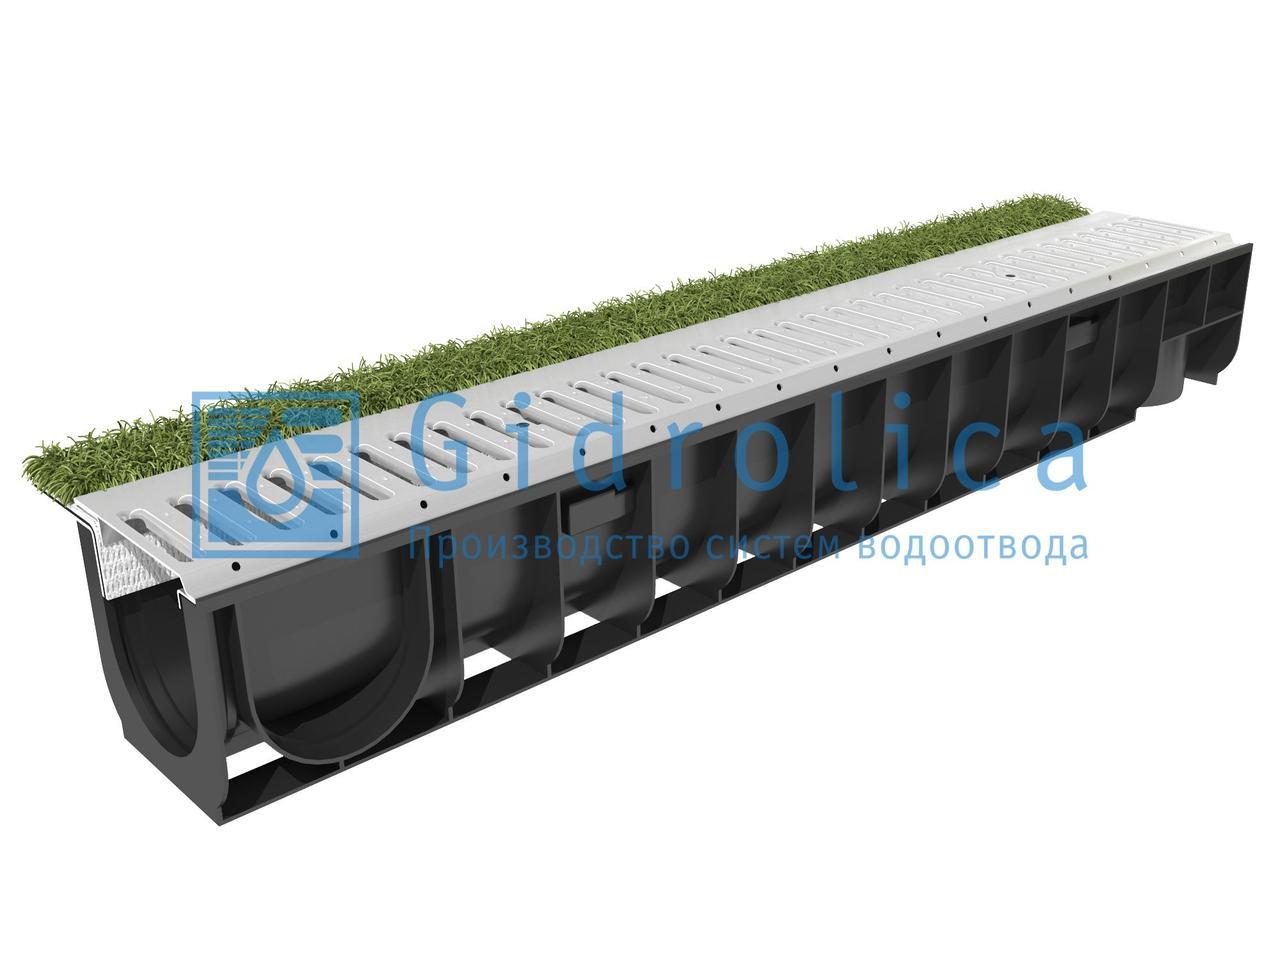 Комплект Gidrolica Sport: лоток водоотводный ЛВ-10.14,5.08 пластиковый с решеткой РВ-10.14,2.100 стальной оцинкованной, кл.А15